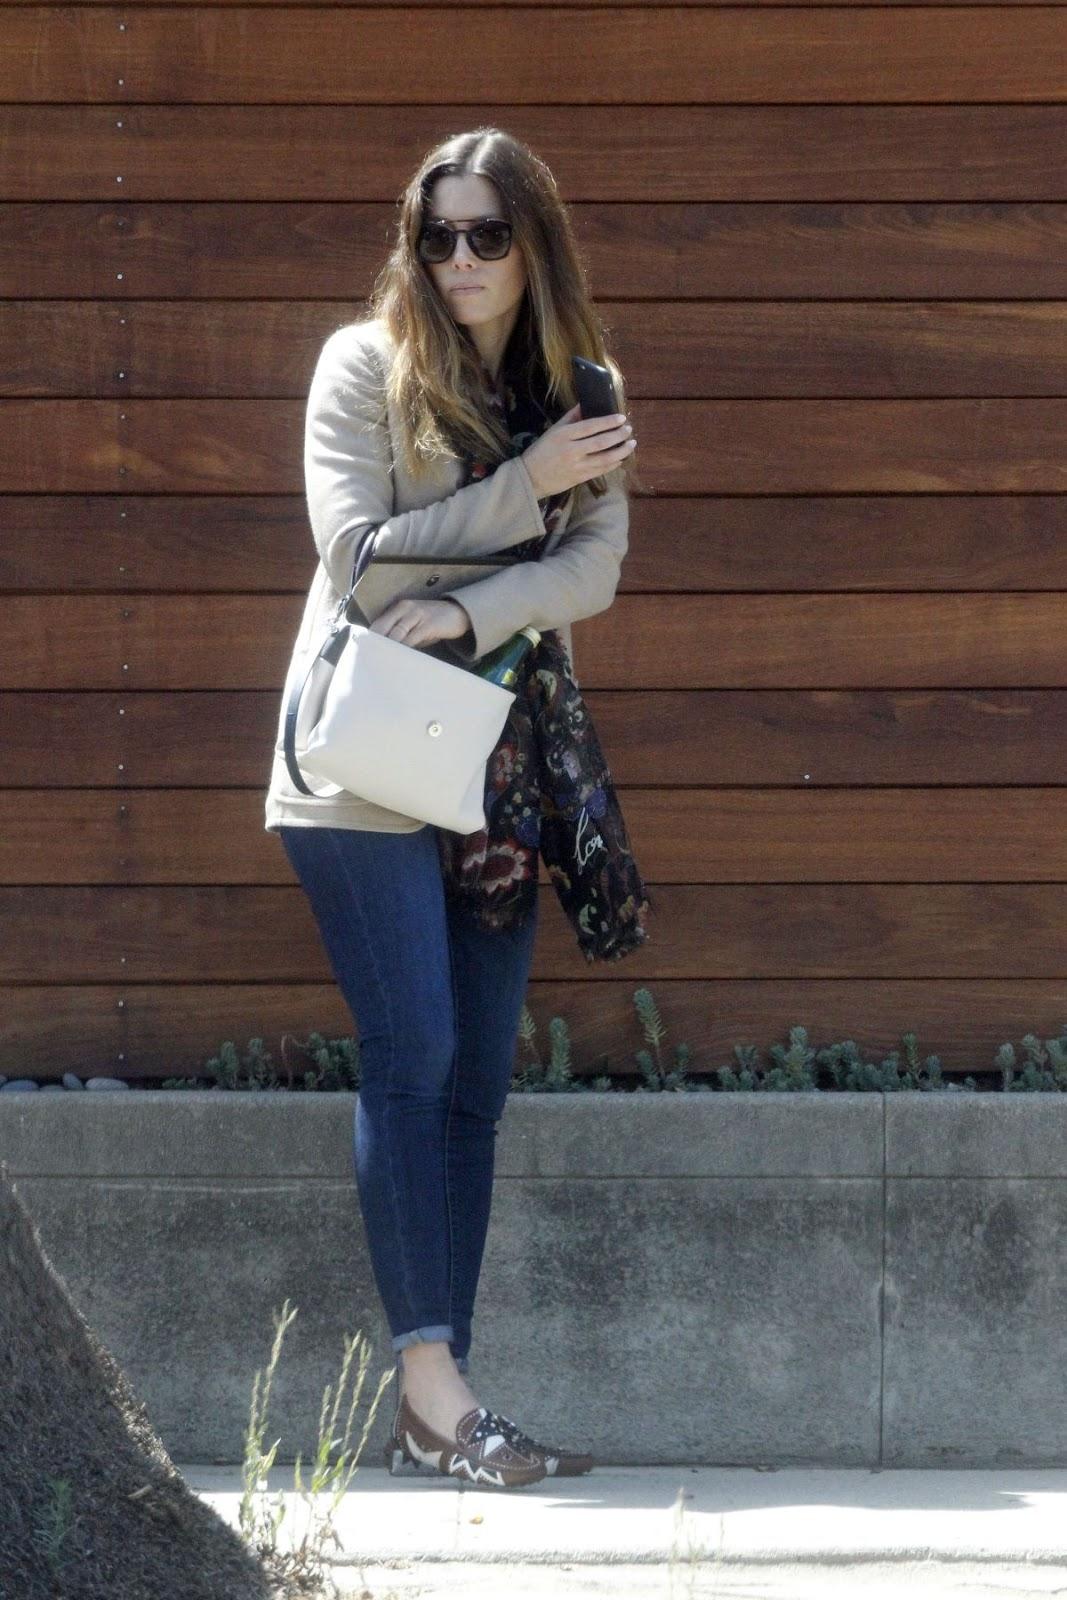 Jessica Biel Out In Venice Beach